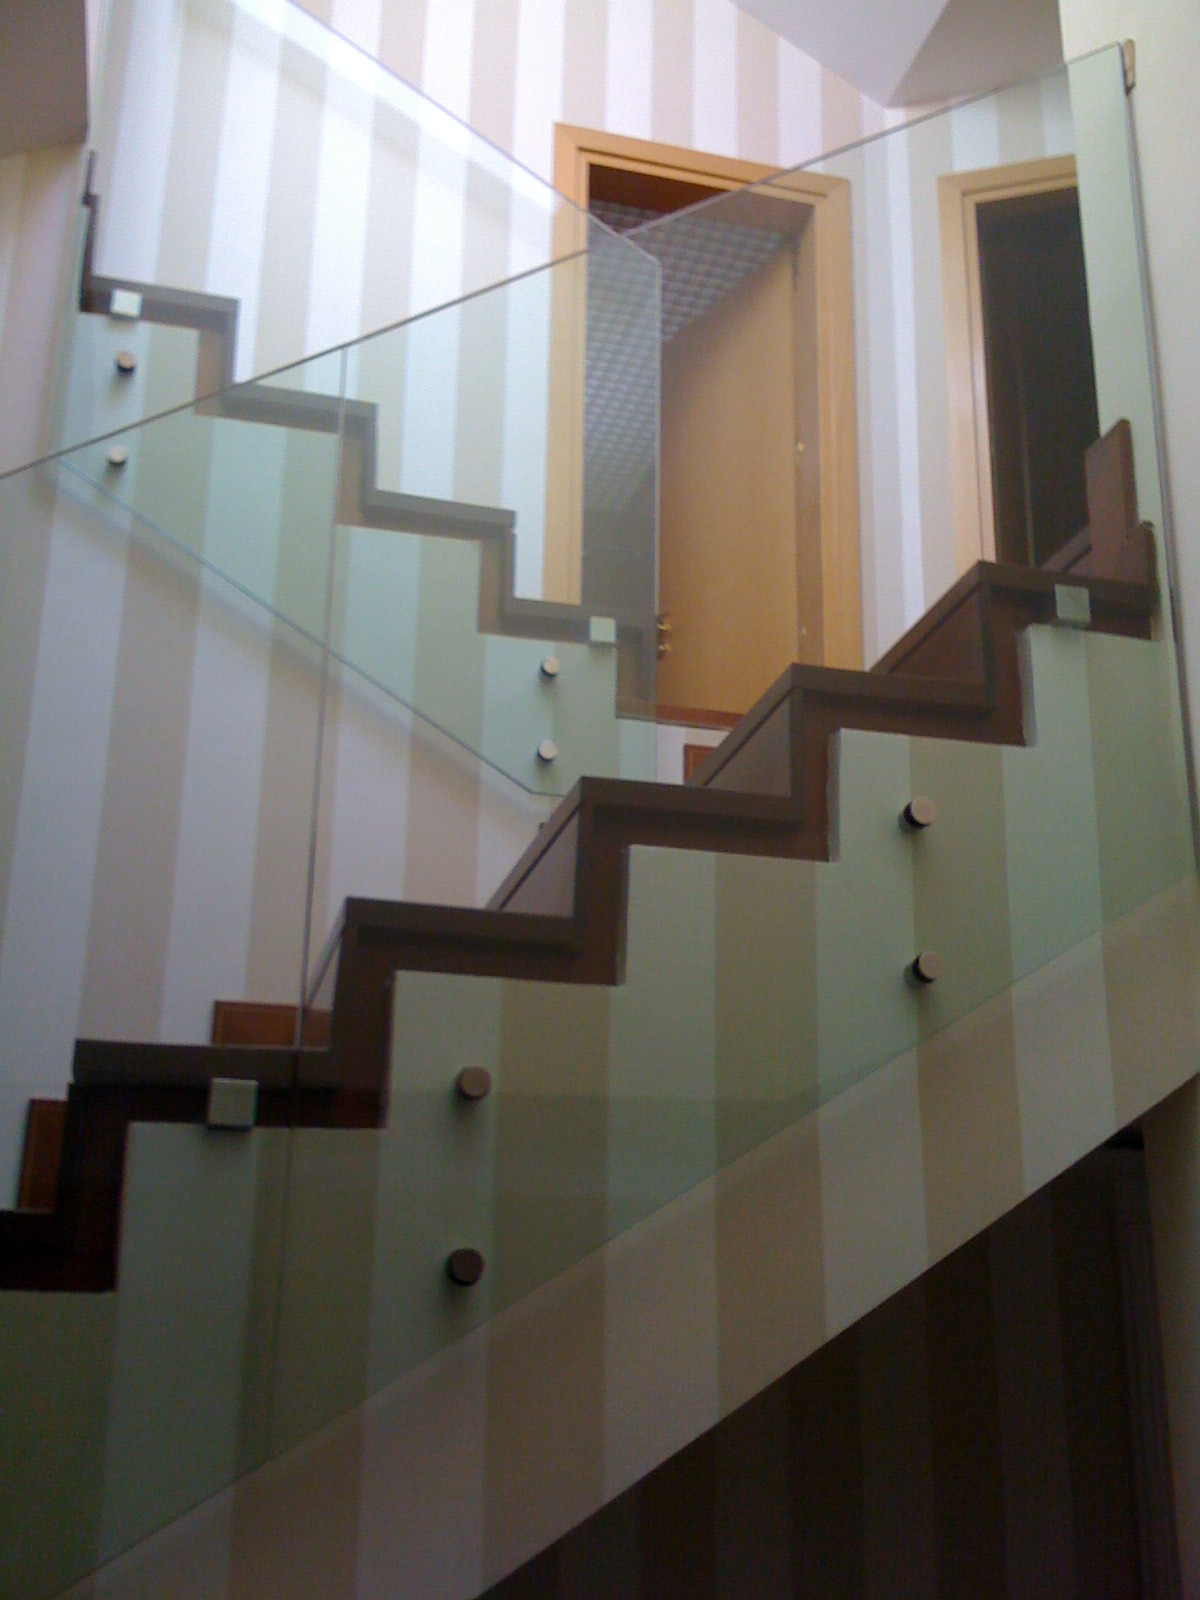 Barandillas y escaleras vidrosvazquez - Barandillas de escaleras interiores ...